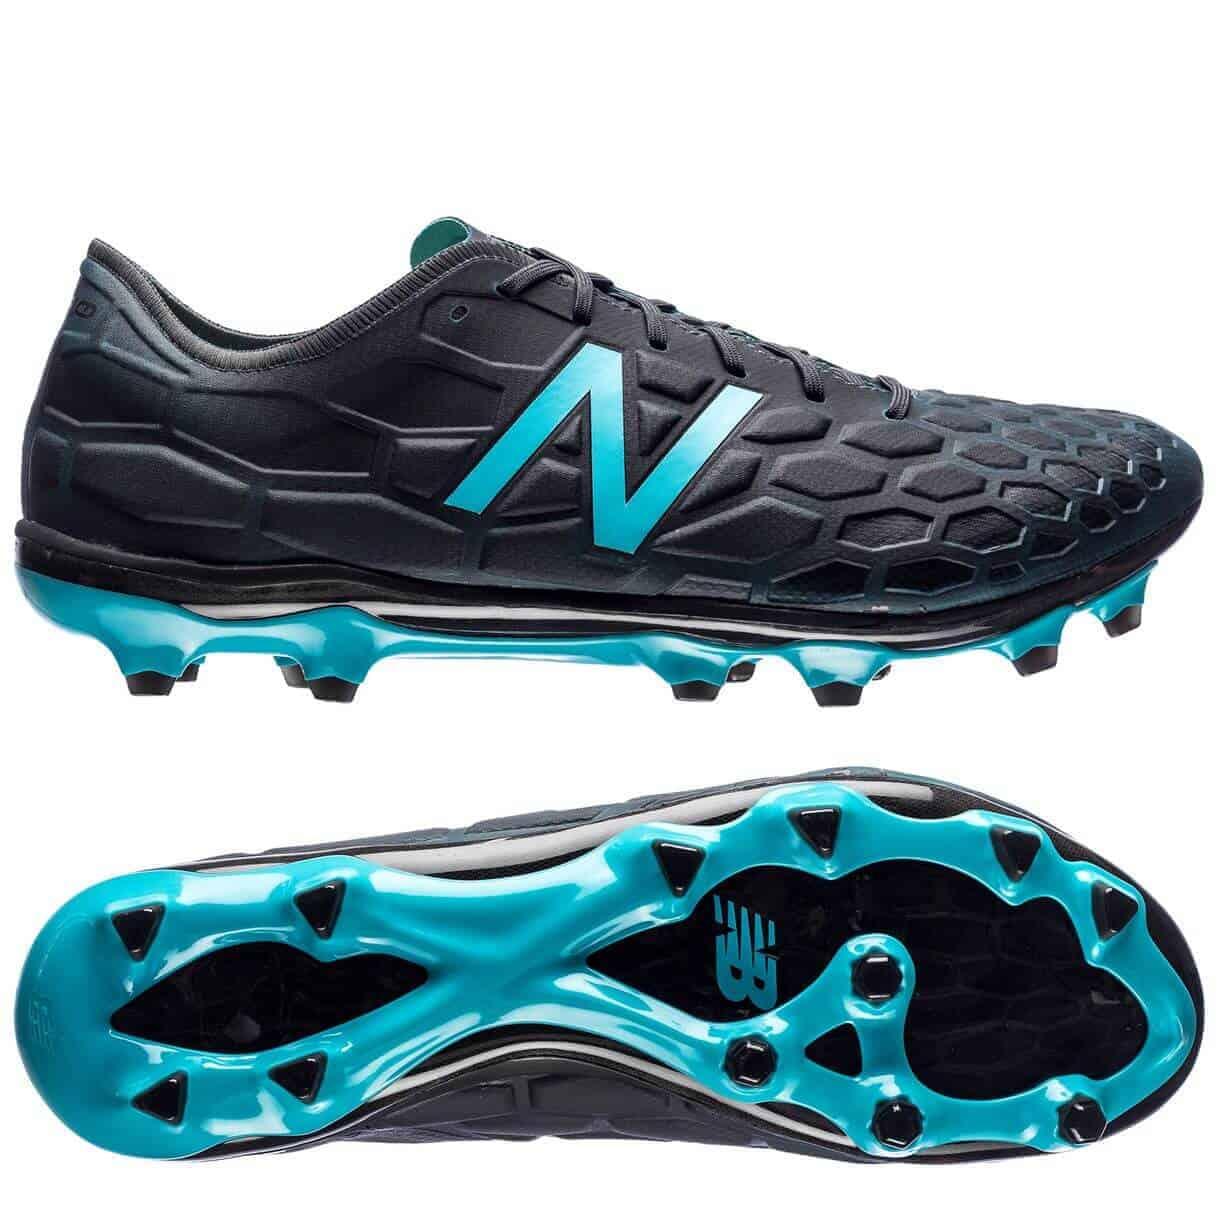 Fodboldstøvler til brede fødder? Disse fodboldstøvler passer dig!